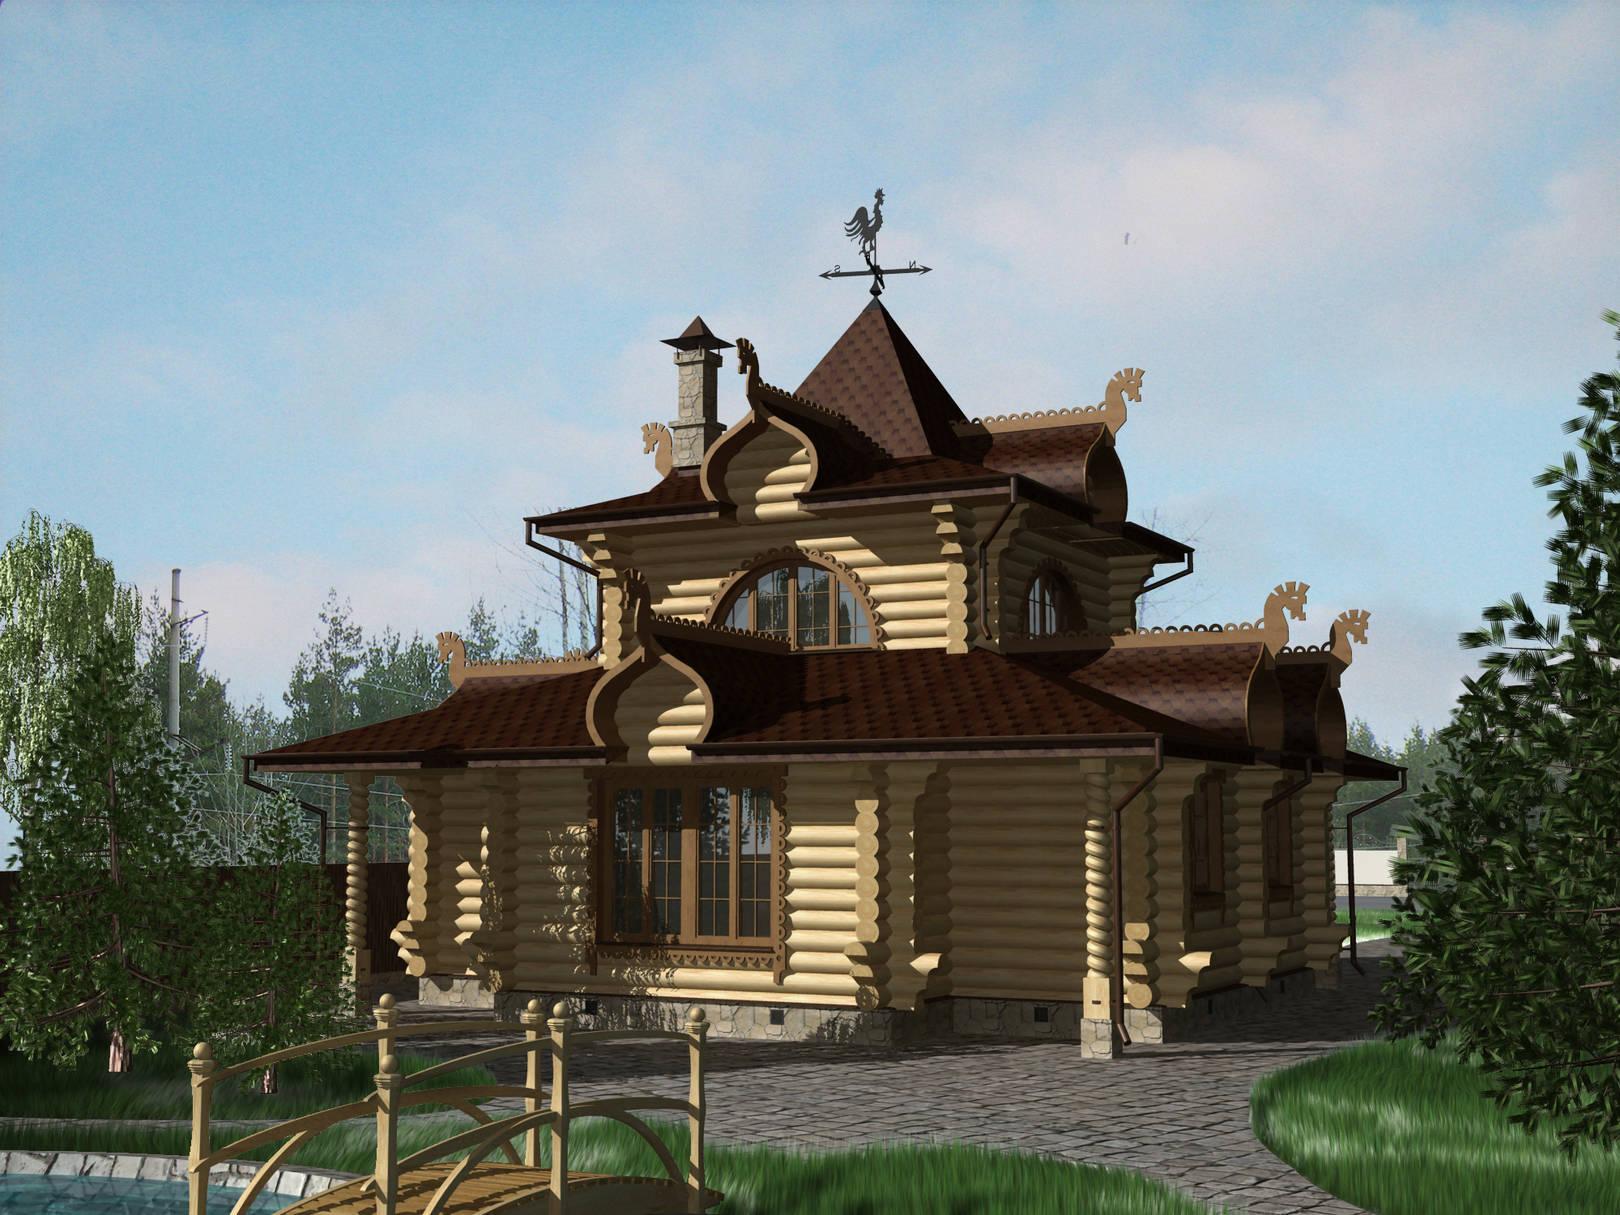 Охотничий домик в сказочной тематике